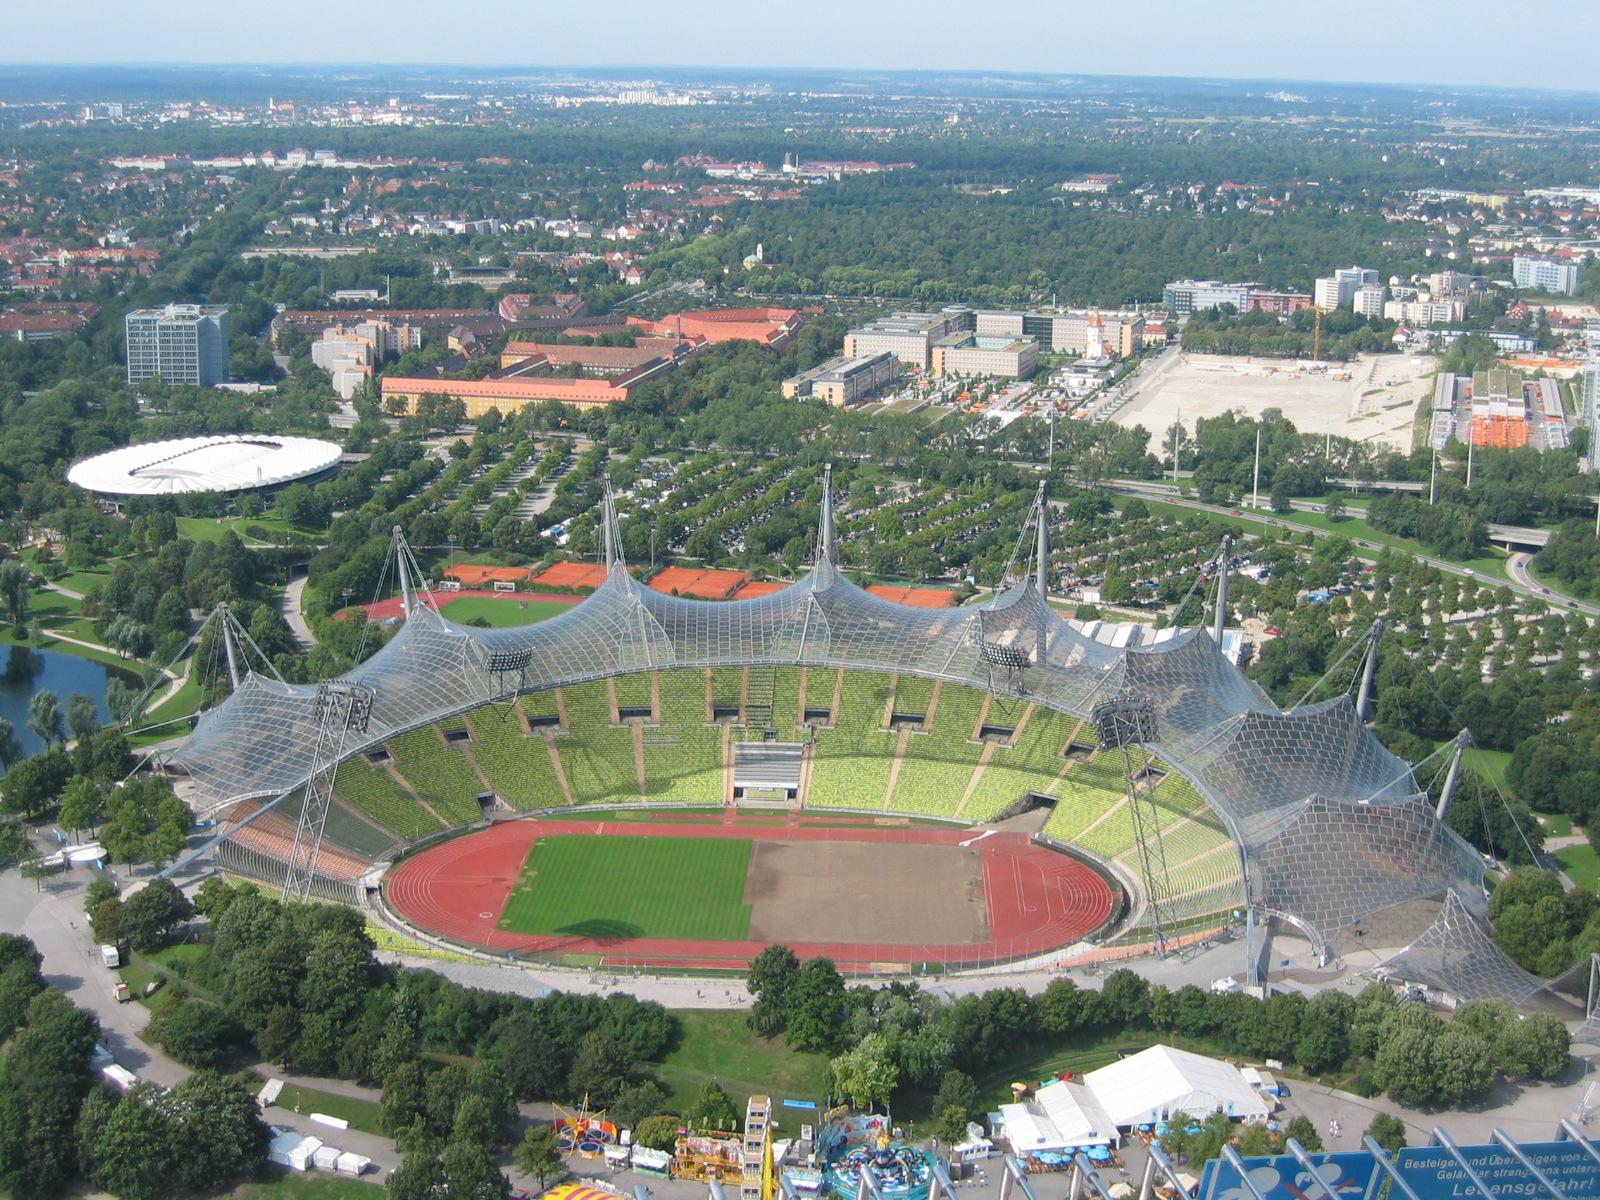 Imagenes De Estadios De Futbol - Los 30 mejores estadios del mundo Marca